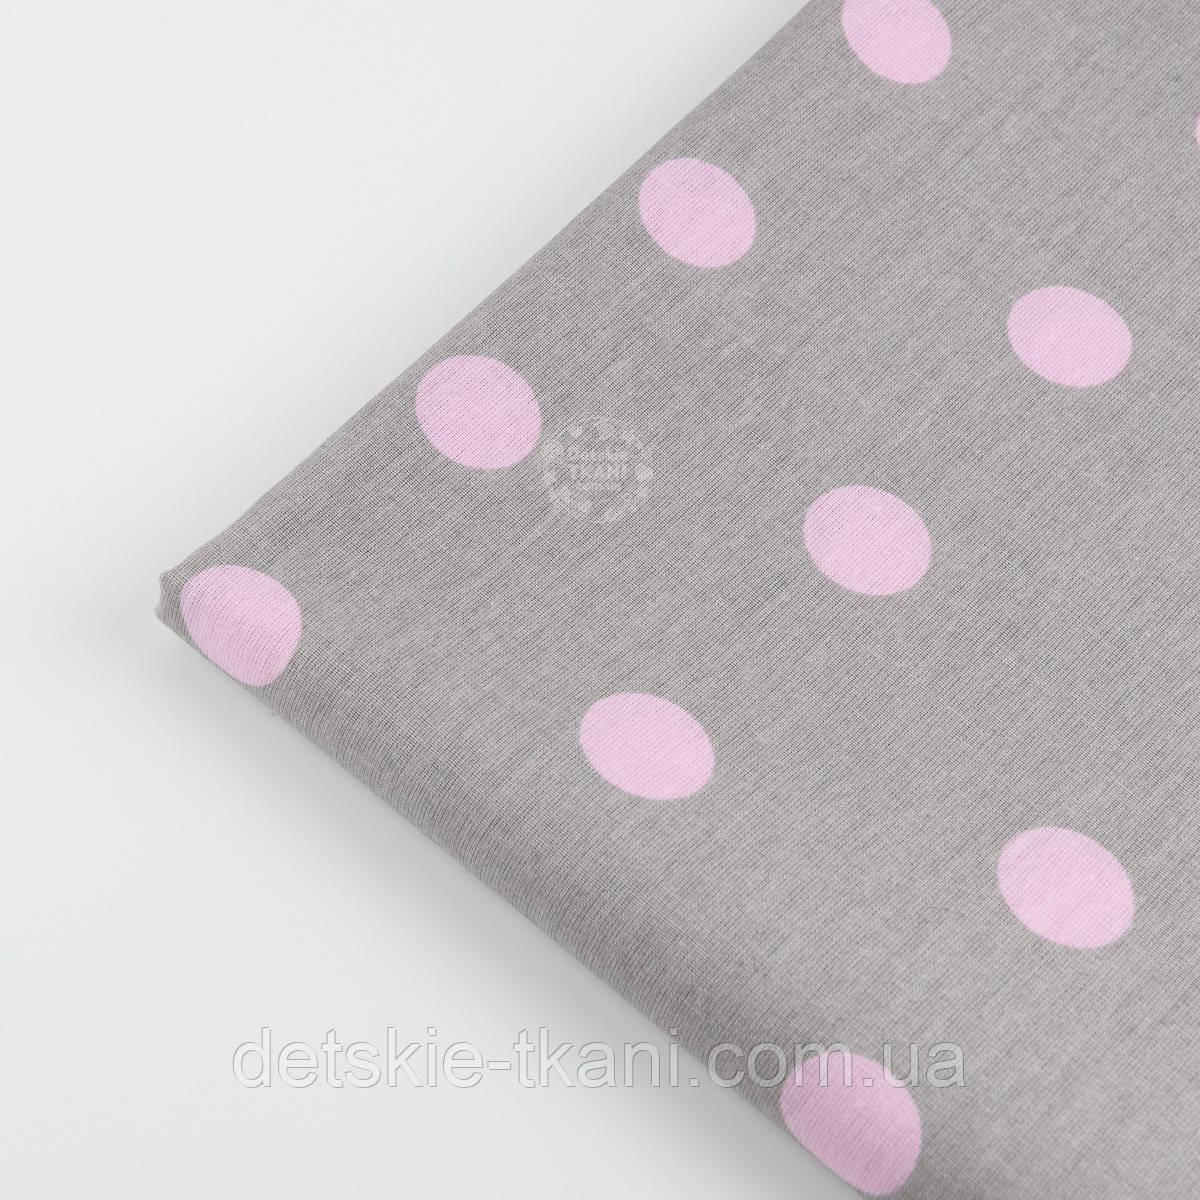 Лоскут ткани №489а размером 57*78 см